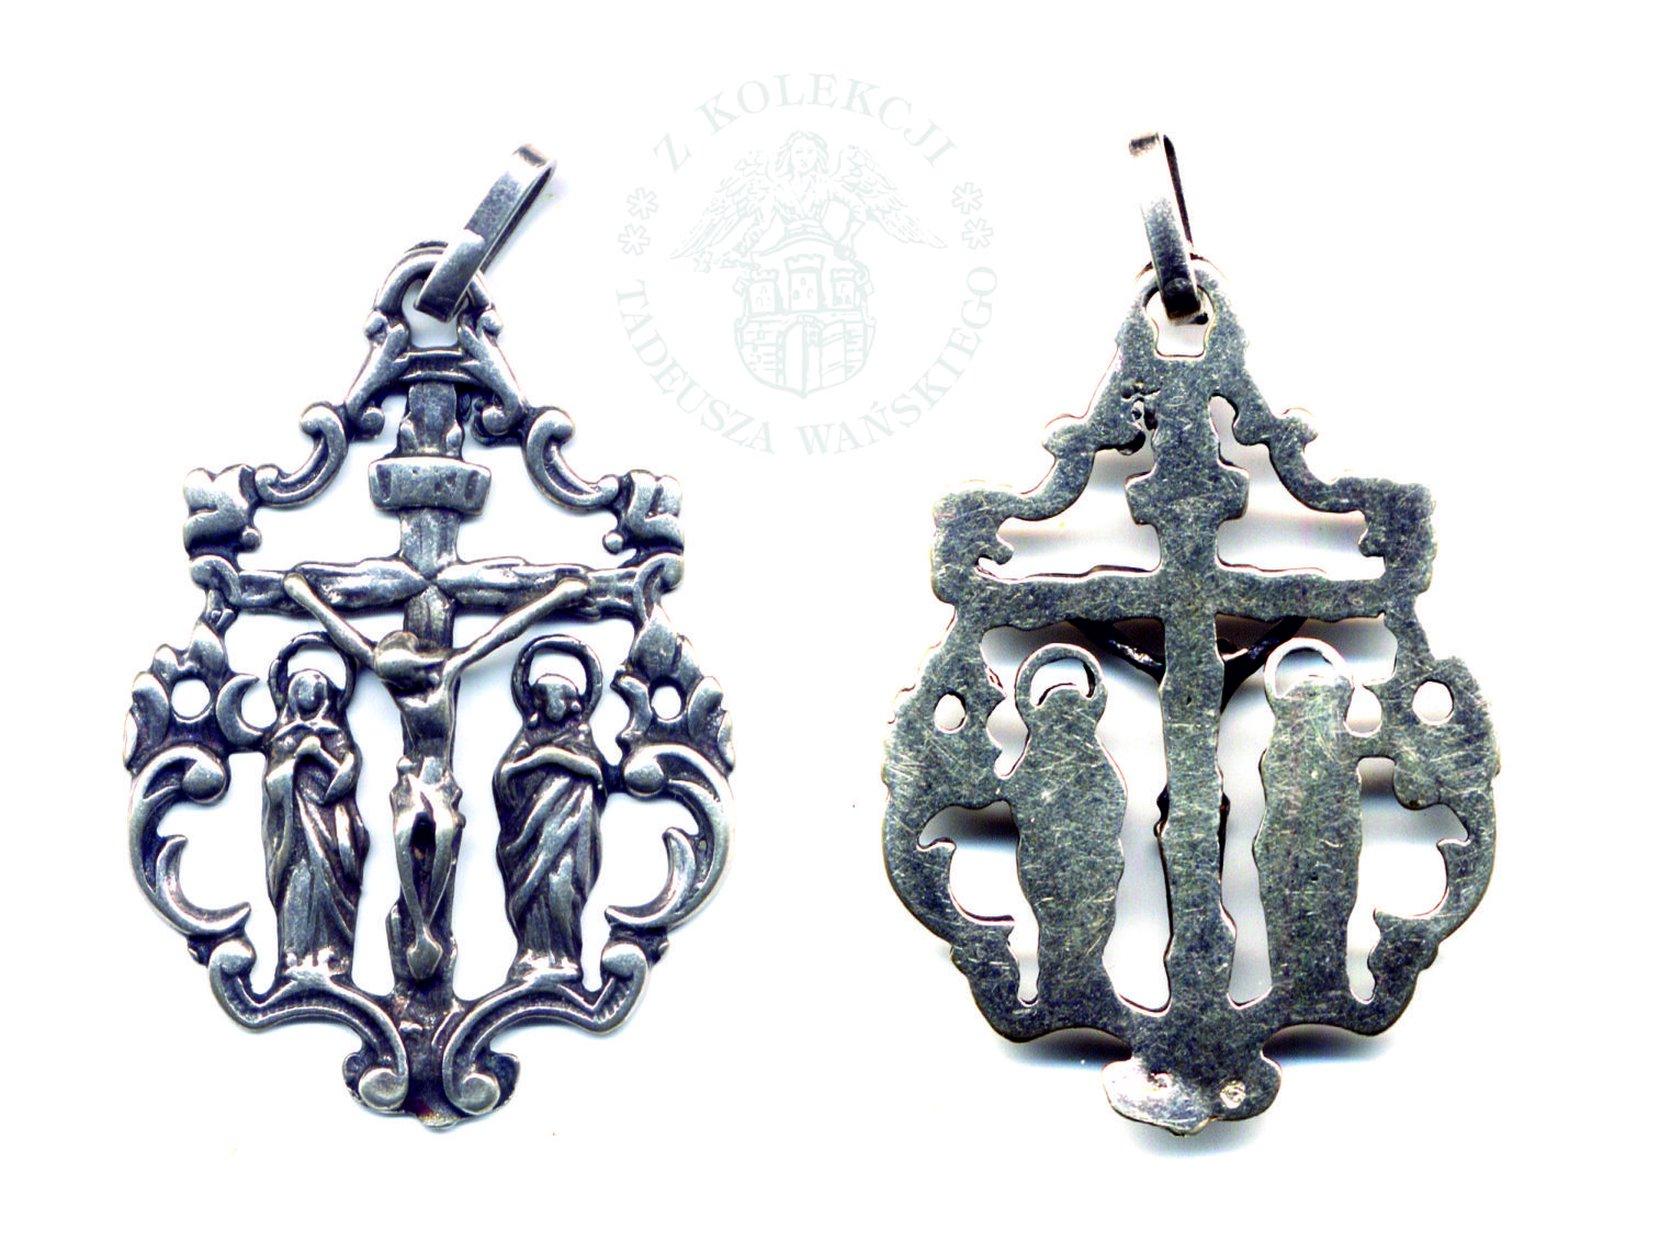 krzyżyk męki pańskiej numismatics coins